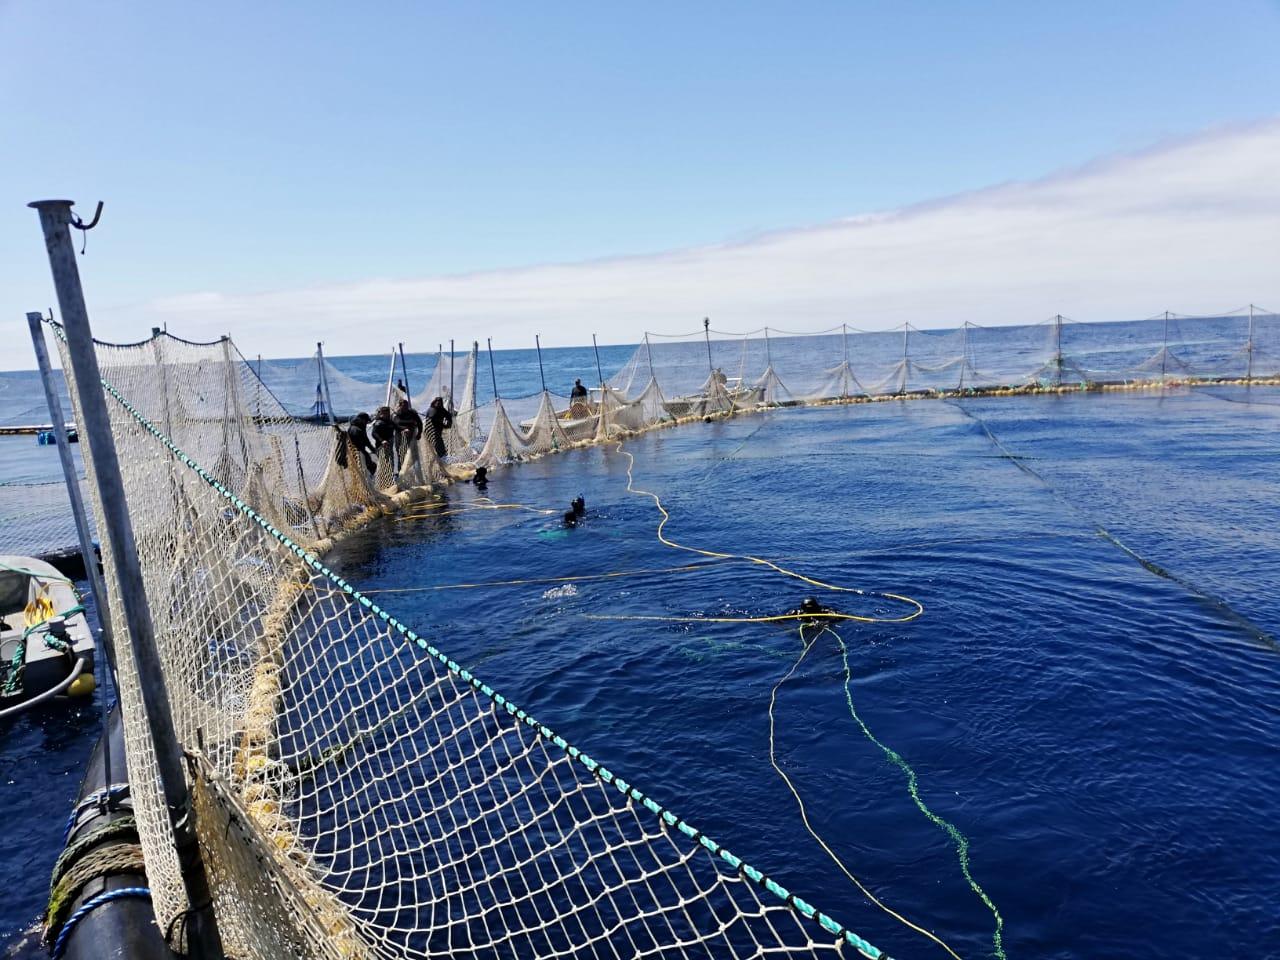 Son liberadas 245 toneladas de atún aleta azul, en compensación por la sobrecaptura de la temporada 2018